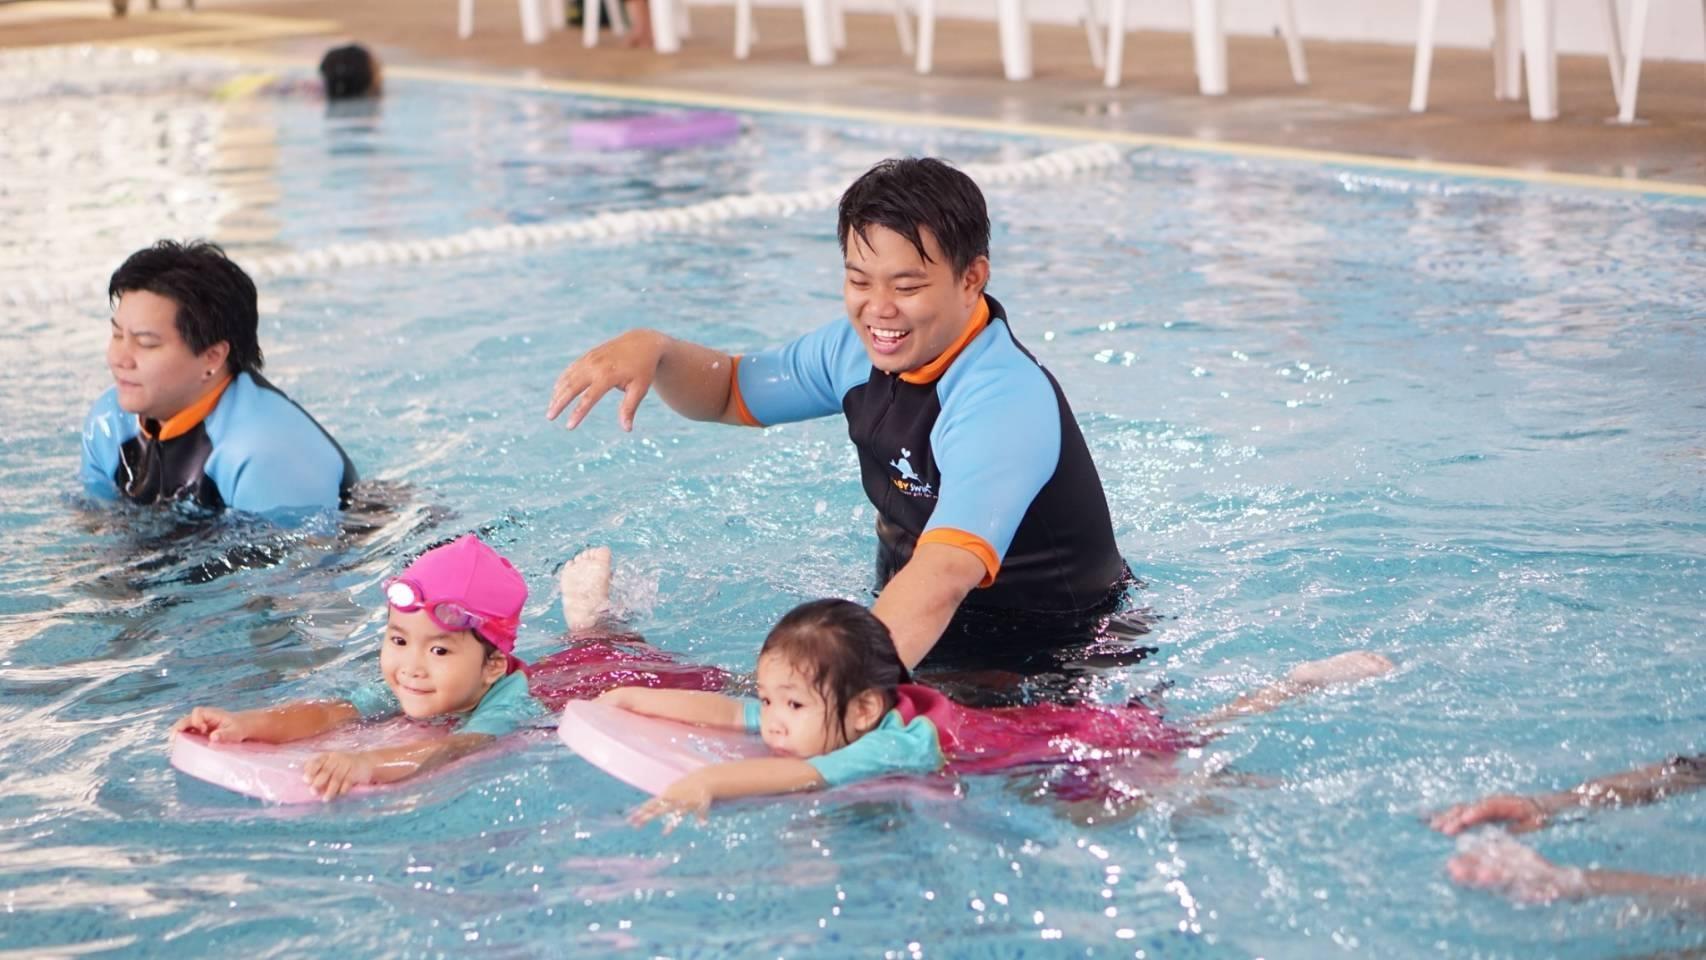 เรียนว่ายเด็กทารก ที่ไหนดี